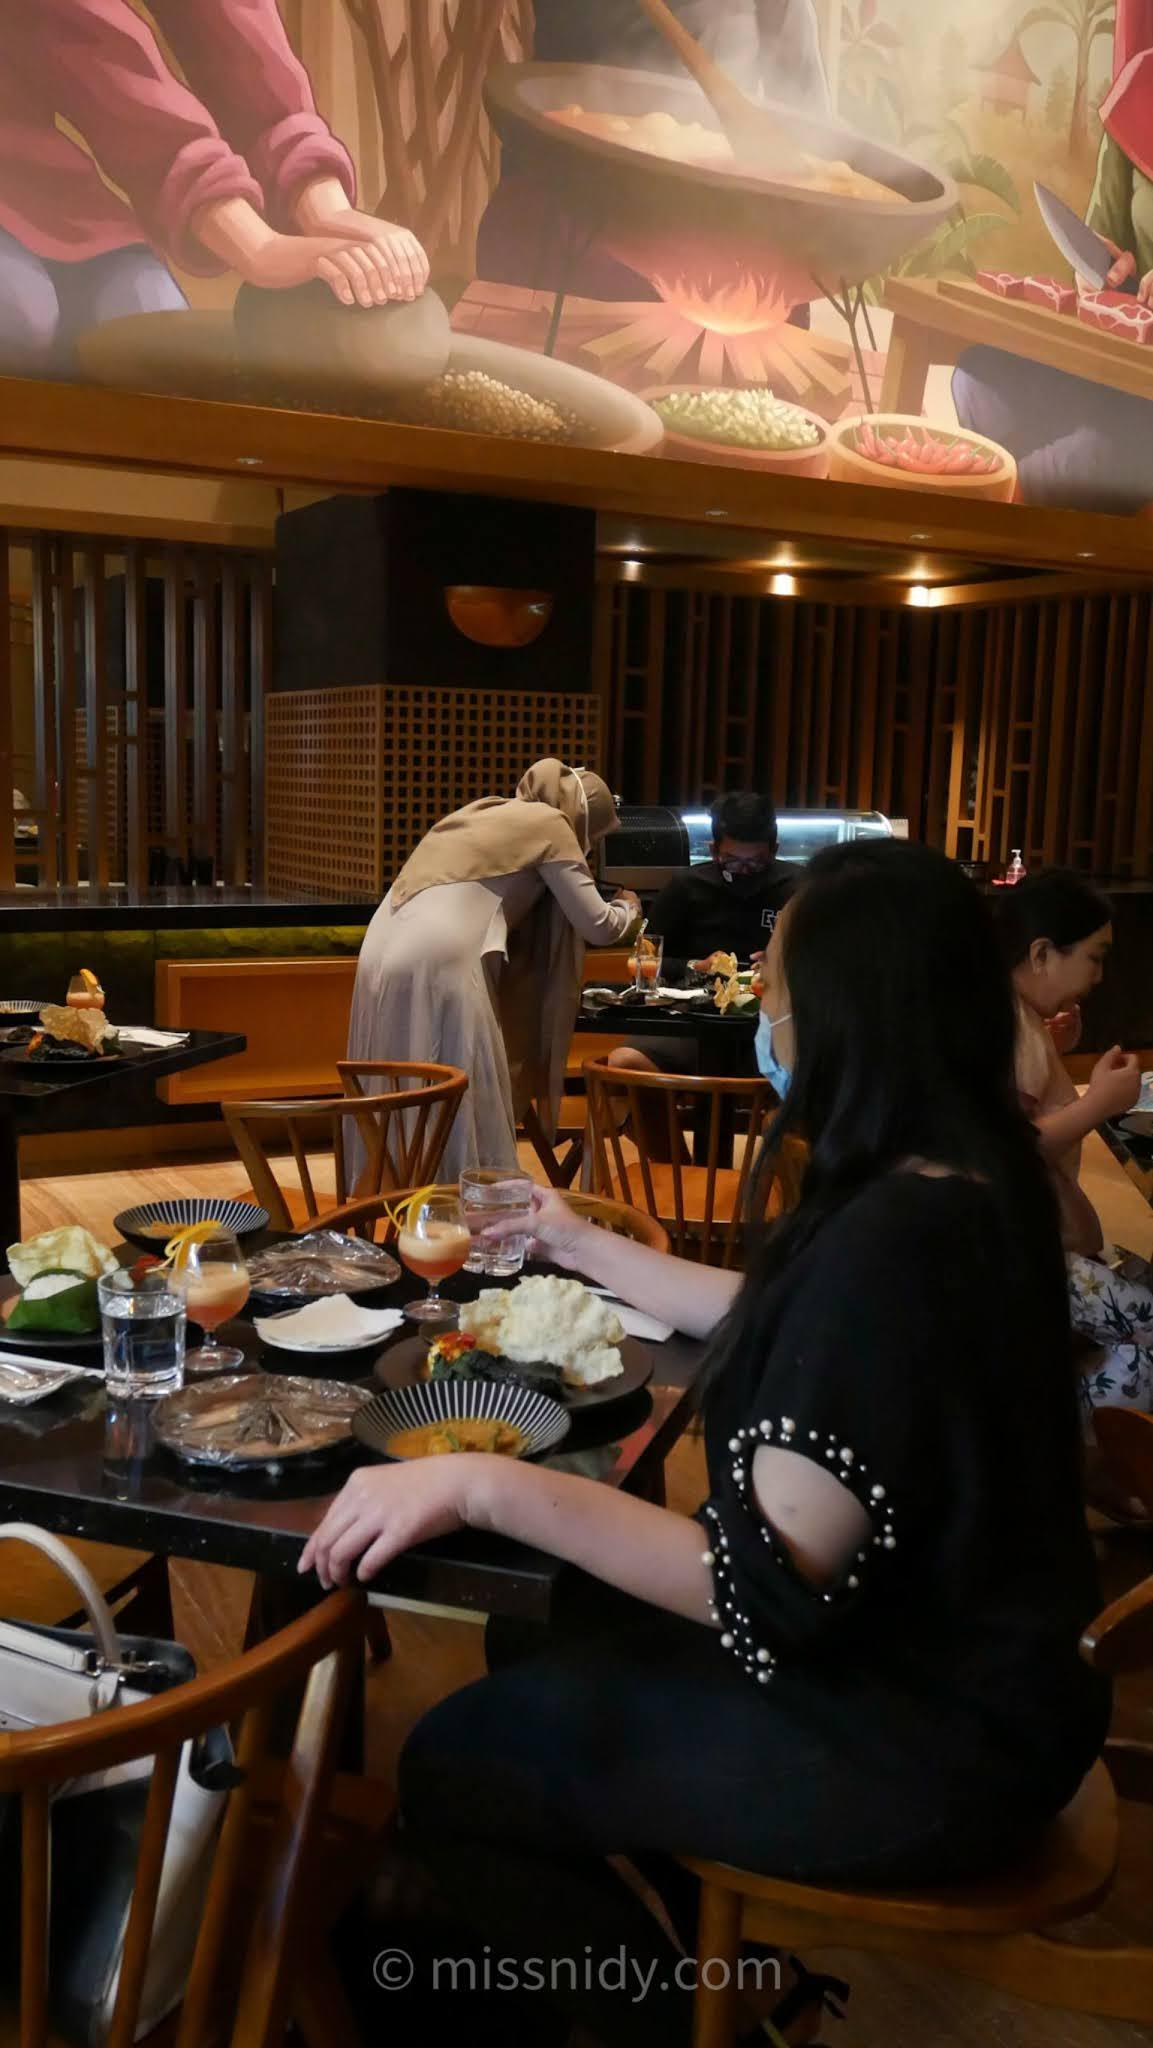 restoran padang di dalam hotel jhl solitaire